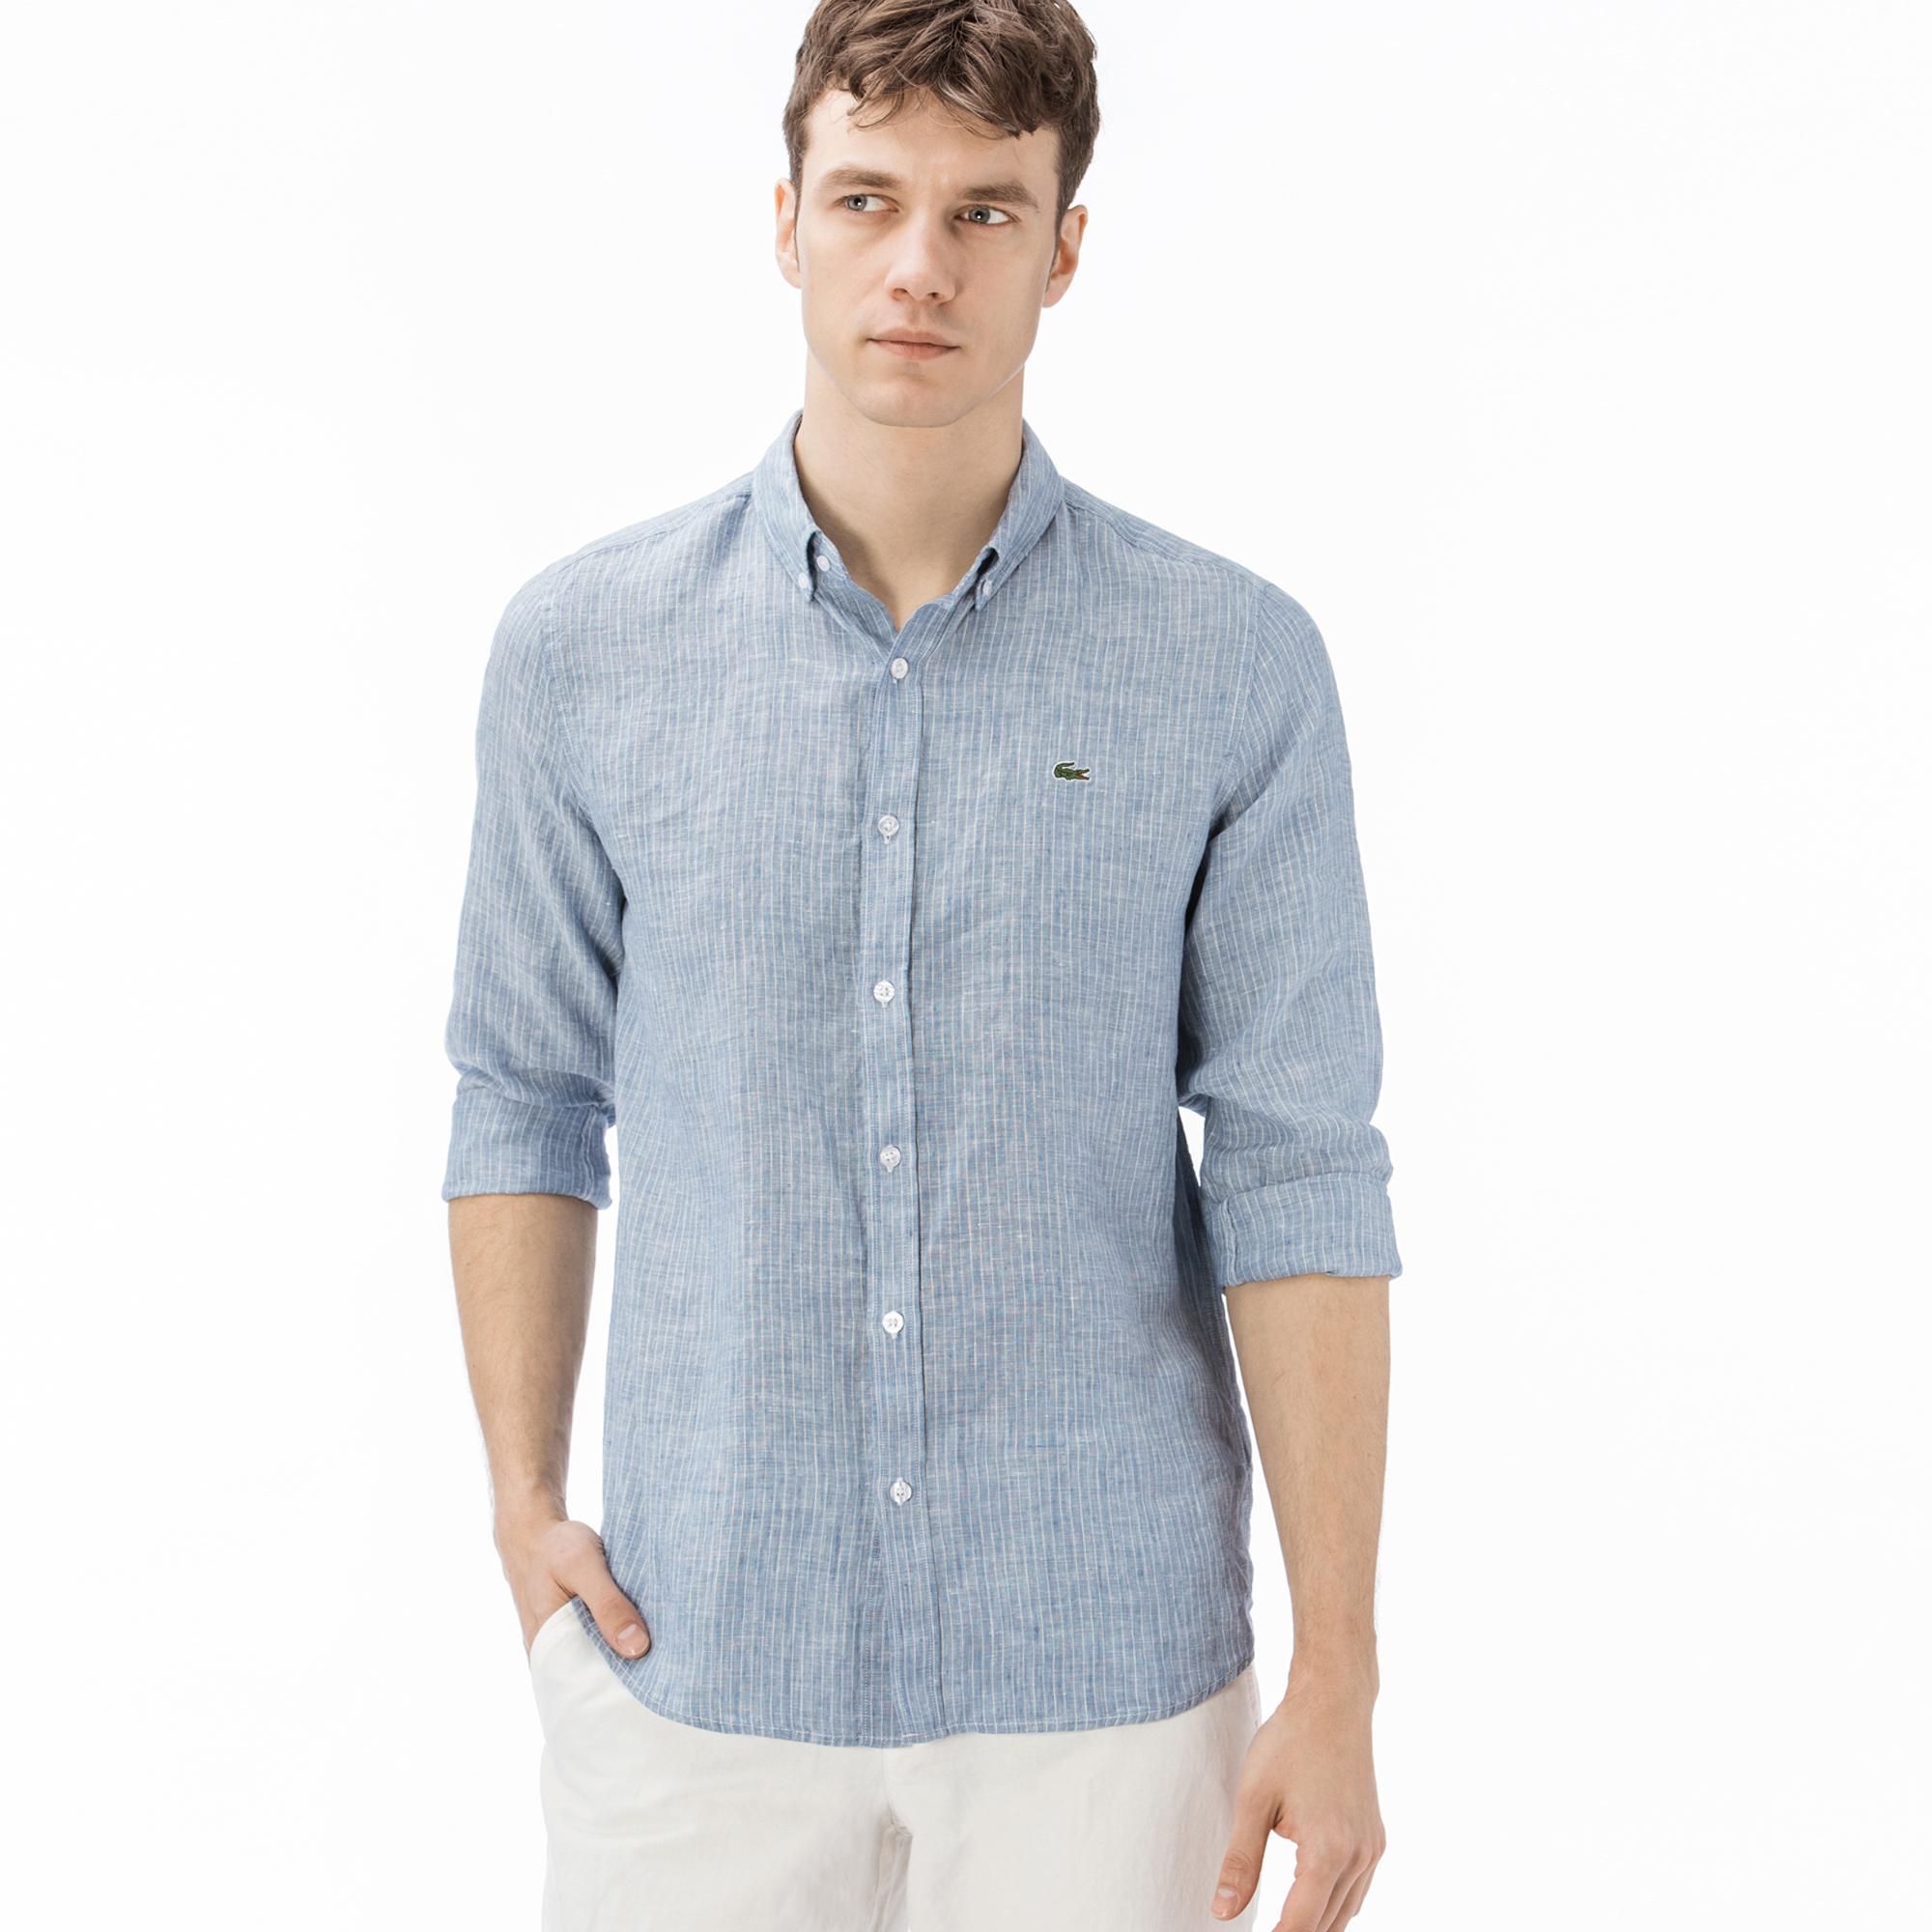 eb794faca Lacoste Men's Long Sleeve Wovens Shirt CH0912 12M | lacoste.pl ...